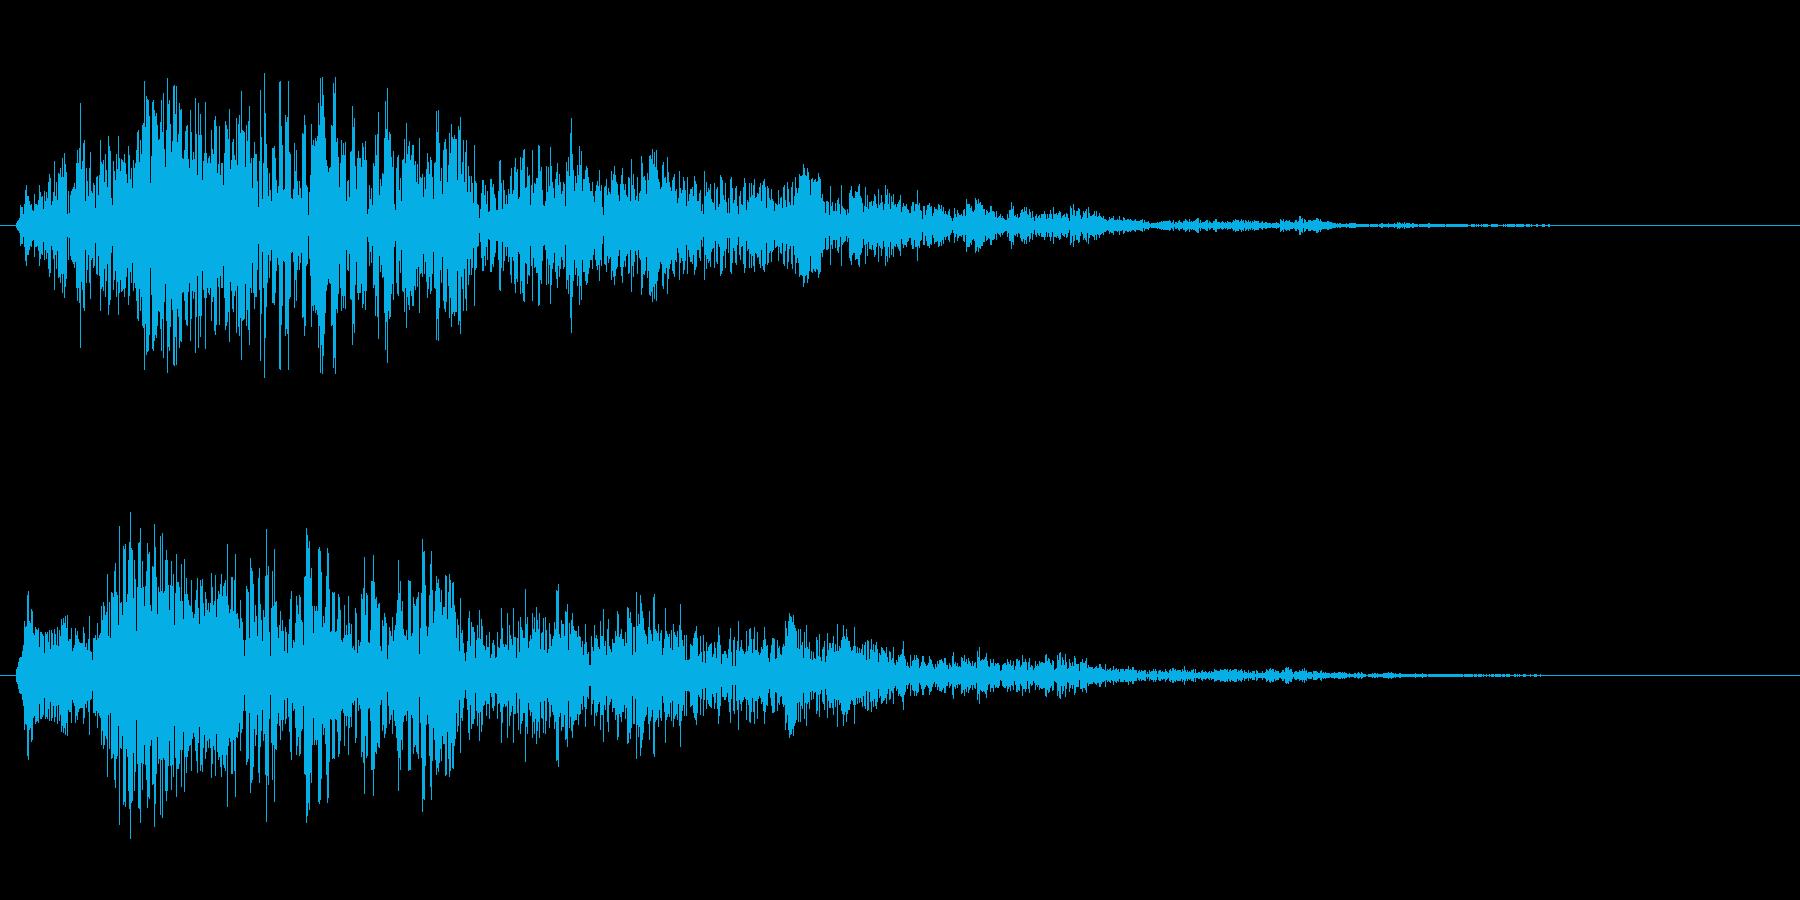 ビヨヨヨーン(跳ねる、消える、バネの音)の再生済みの波形